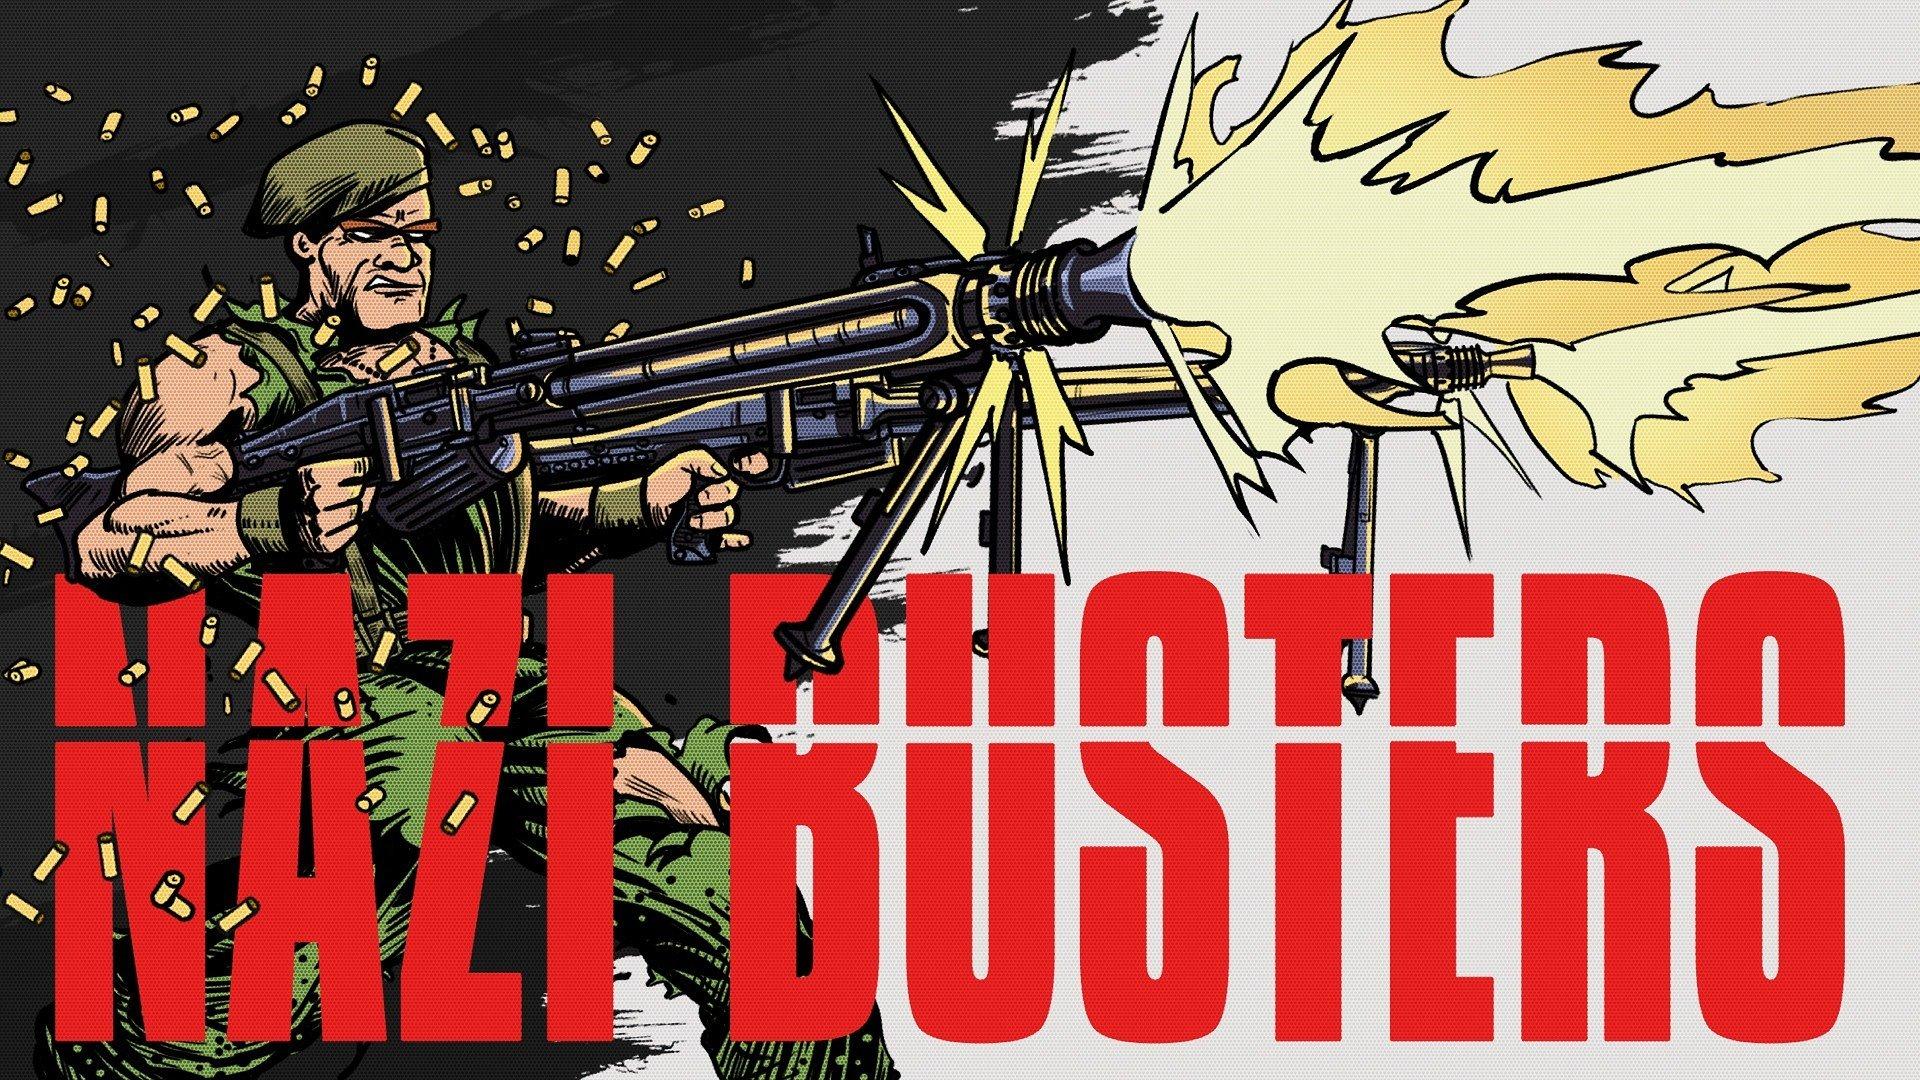 Połącz klimat Wolfensteina z humorem a la Duke Nukem, a otrzymasz… Nazi Busters!